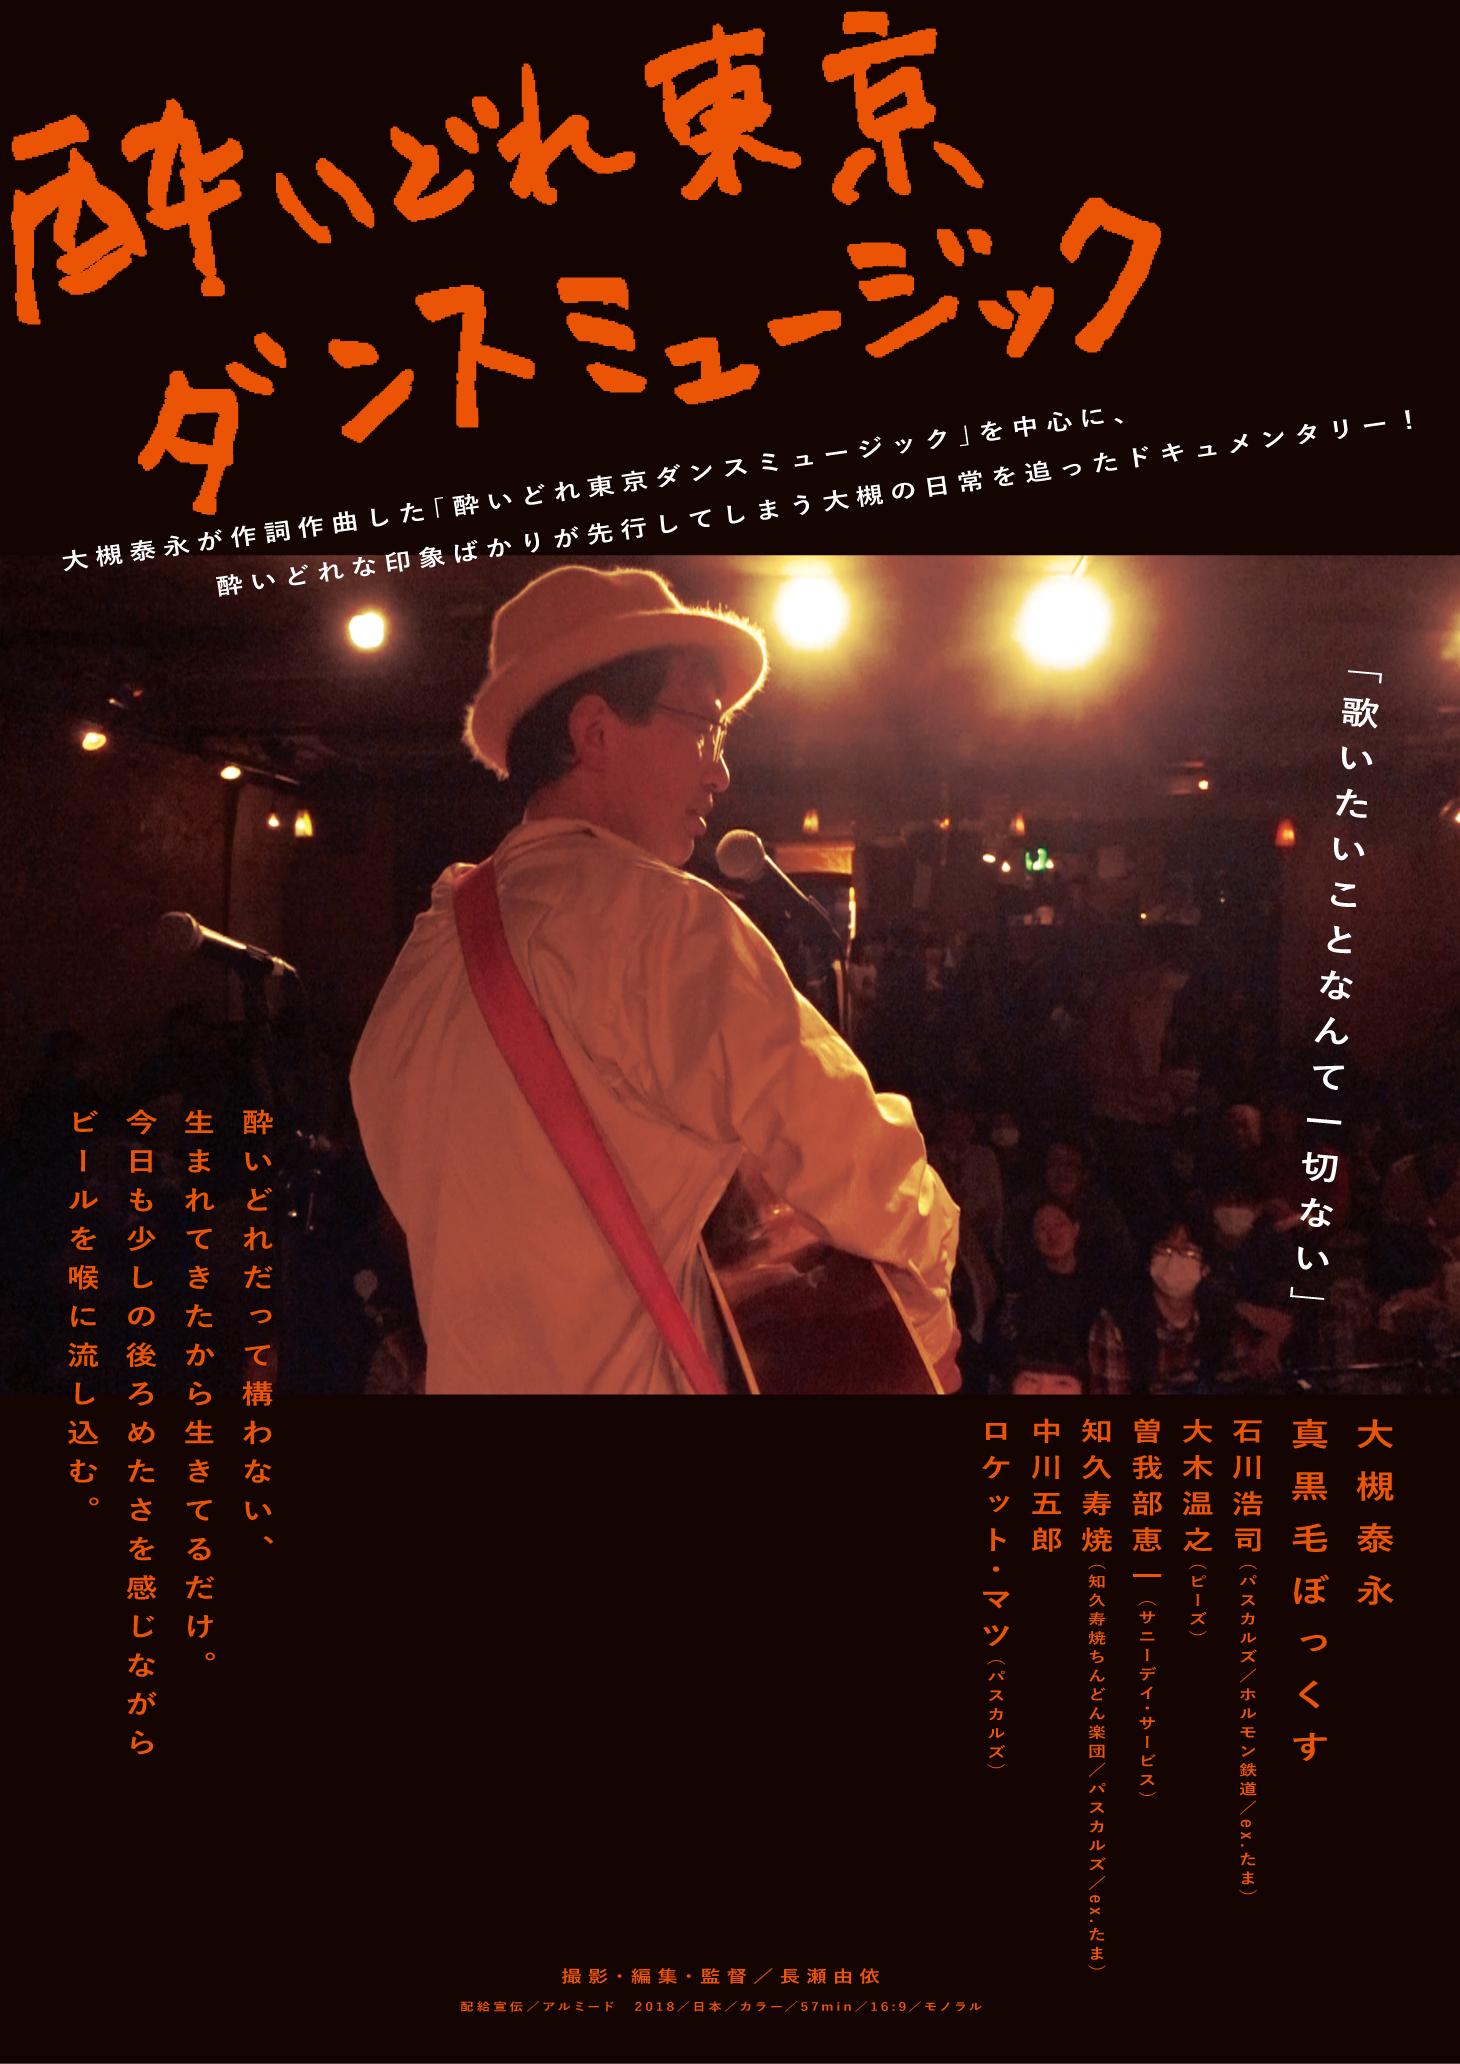 映画『酔いどれ東京ダンスミュージック』劇場鑑賞券&パンフレットプレゼント